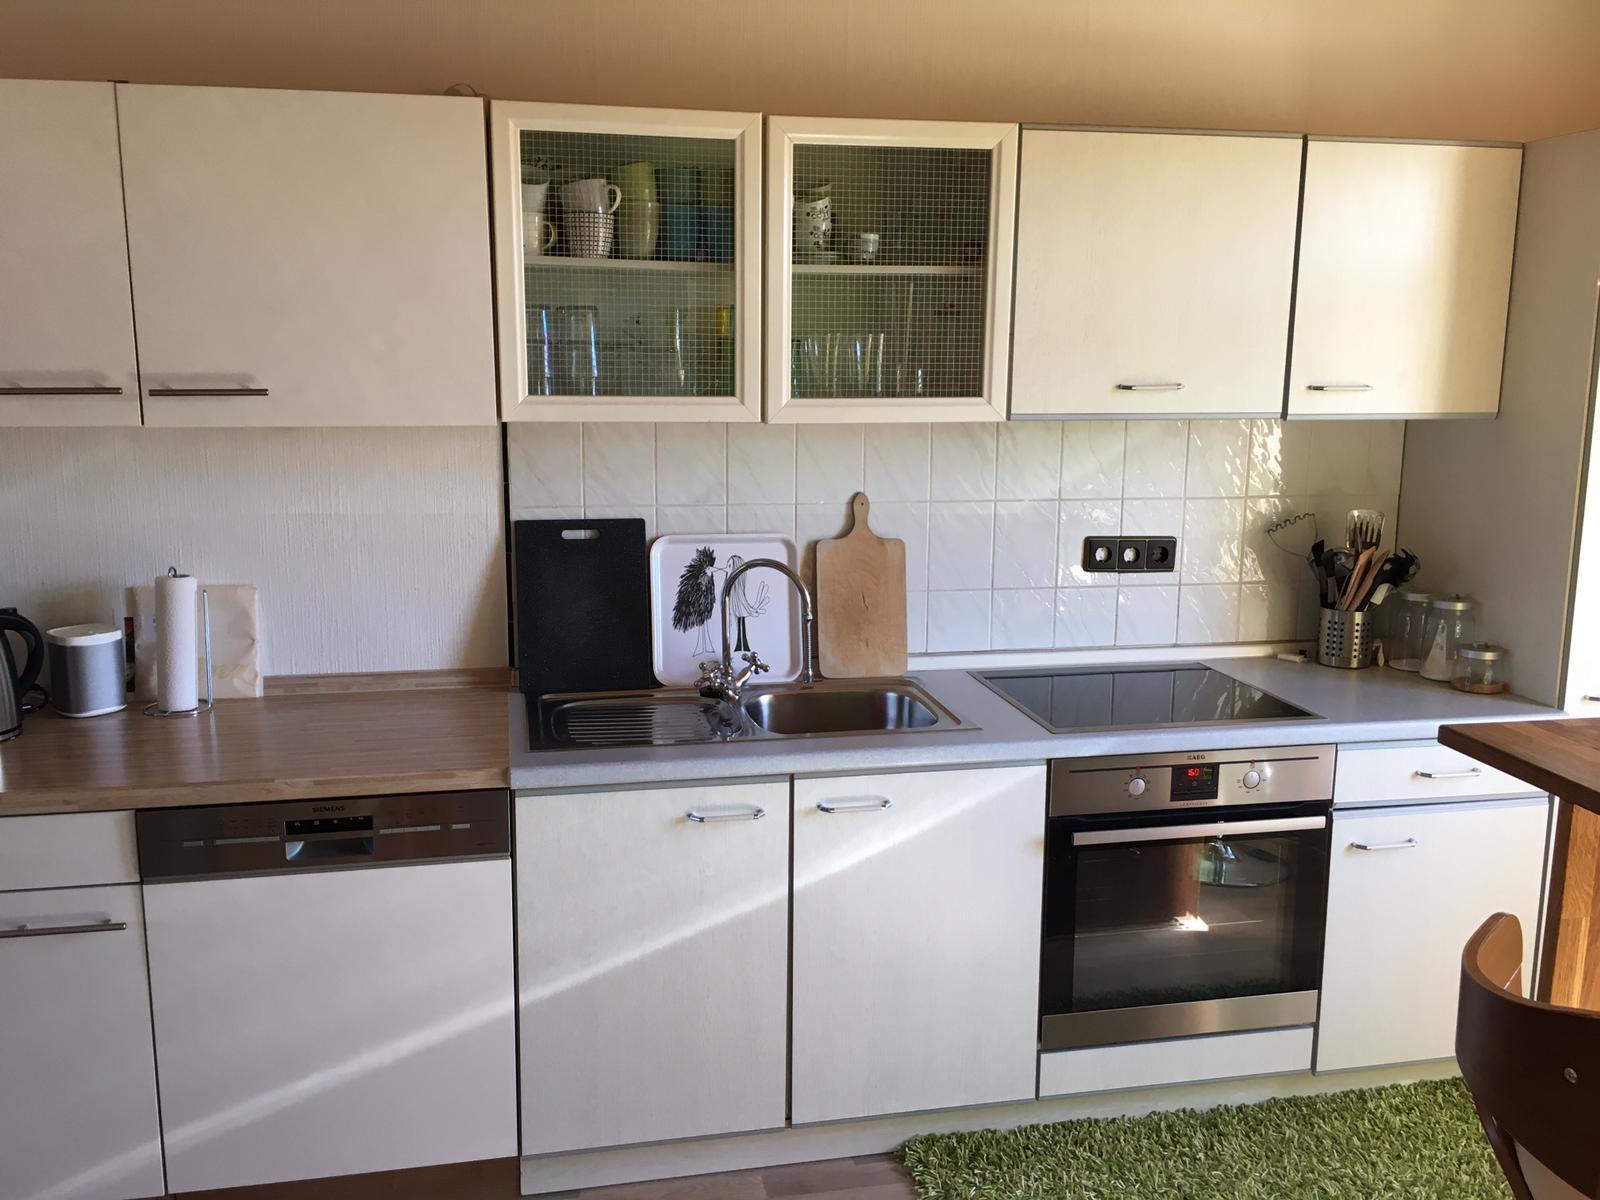 Küche + Ceranfeld und Spühlmaschine